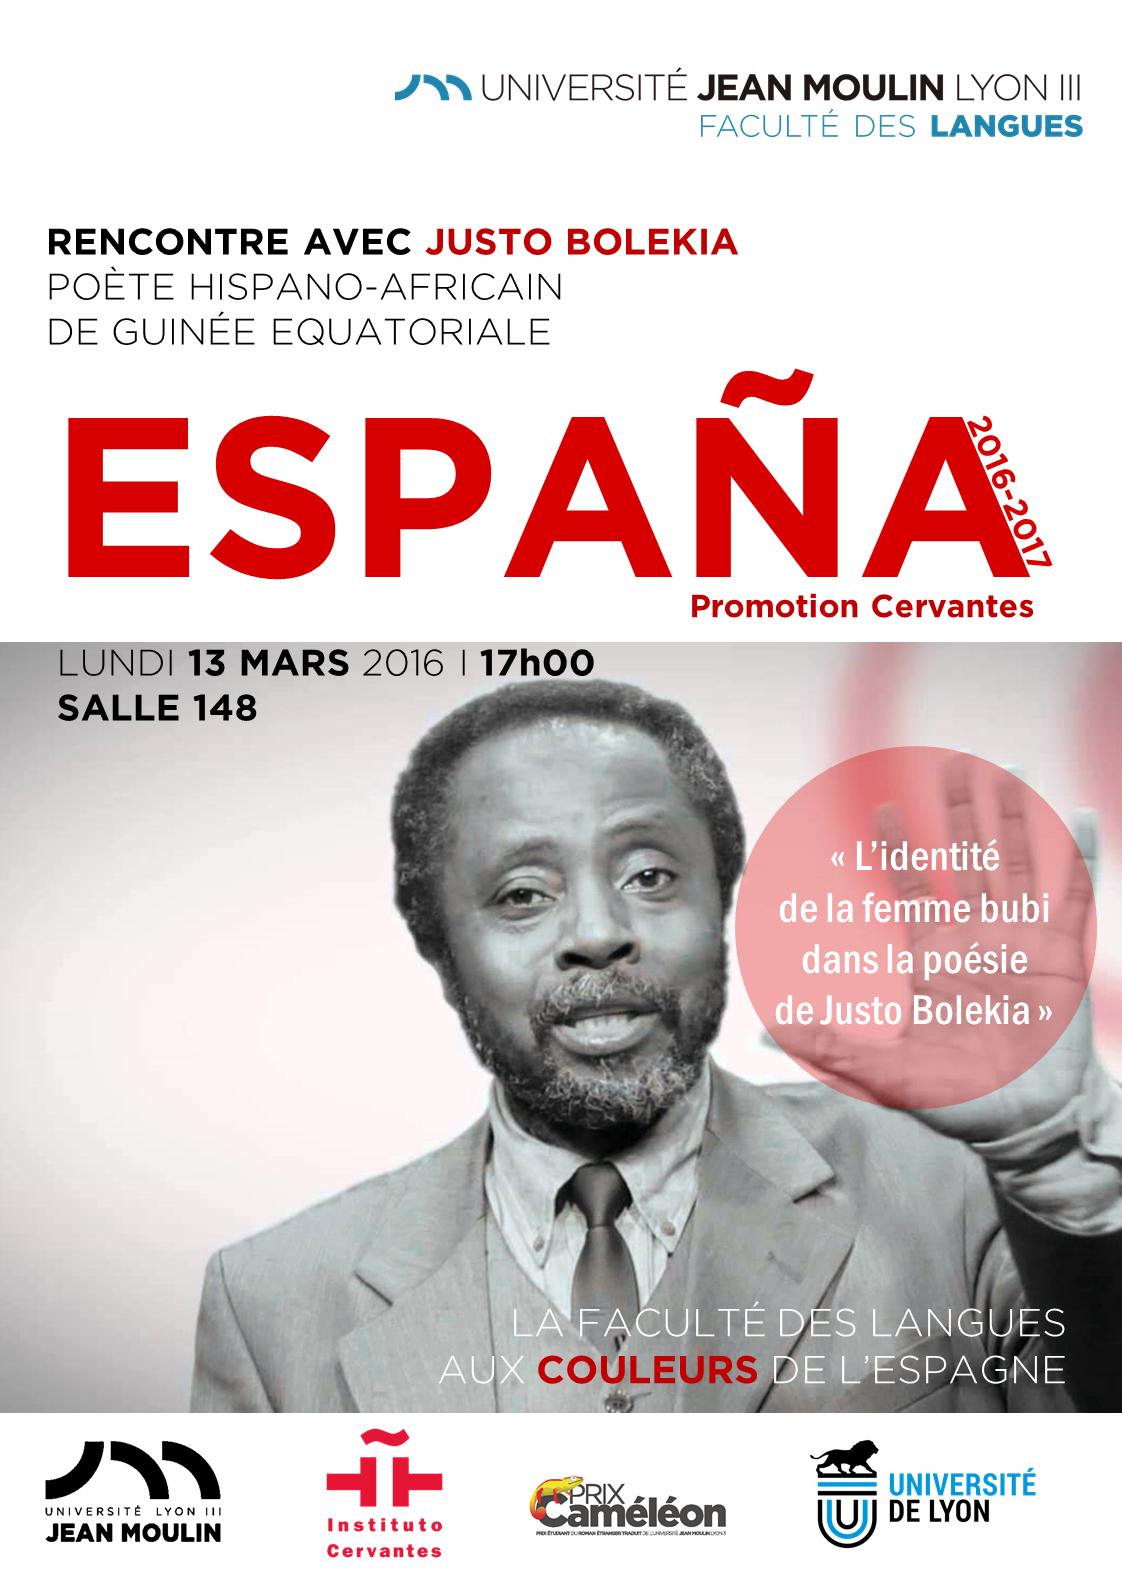 Rencontre en Guinée équatoriale